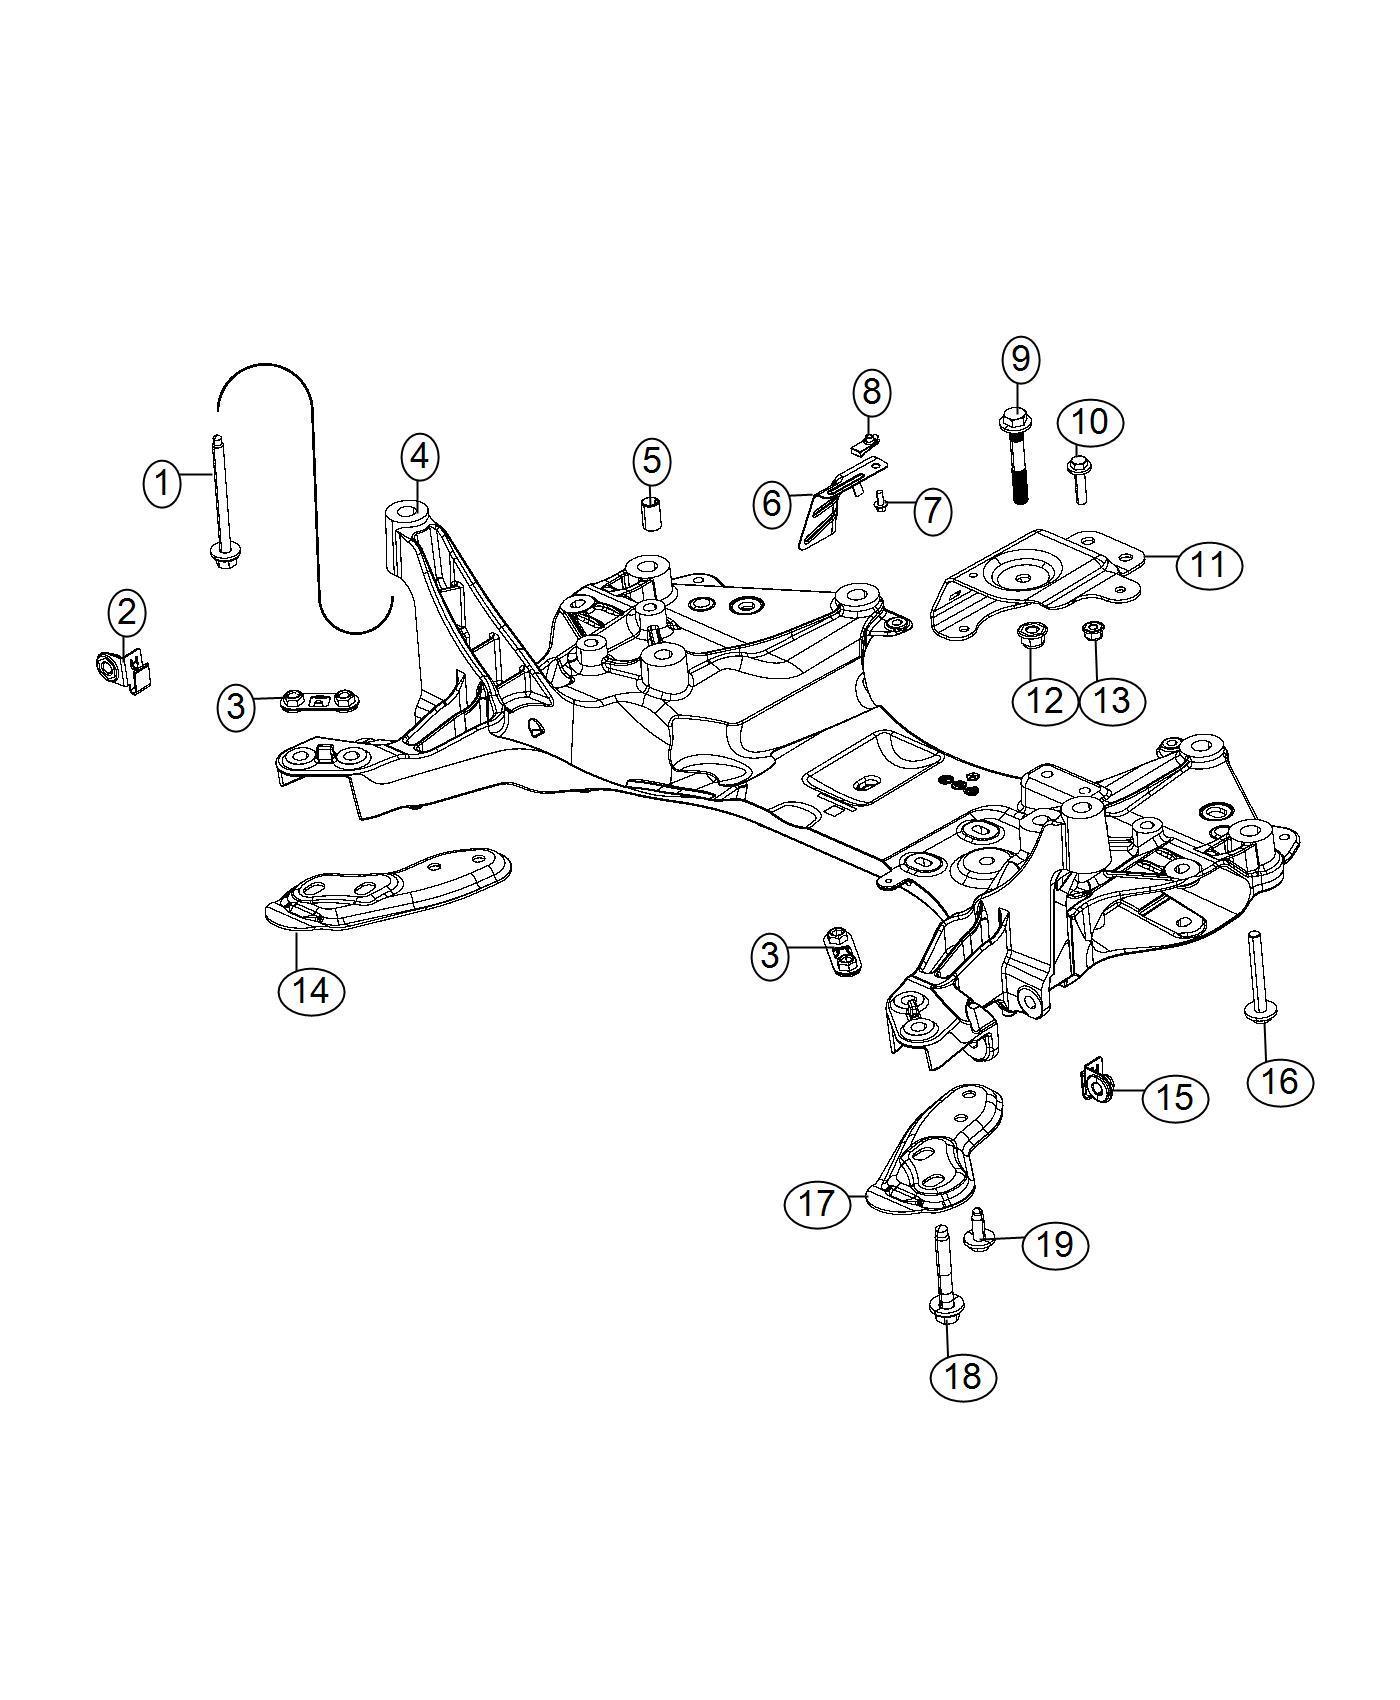 2015 Chrysler 200 Crossmember. Front suspension. Steering